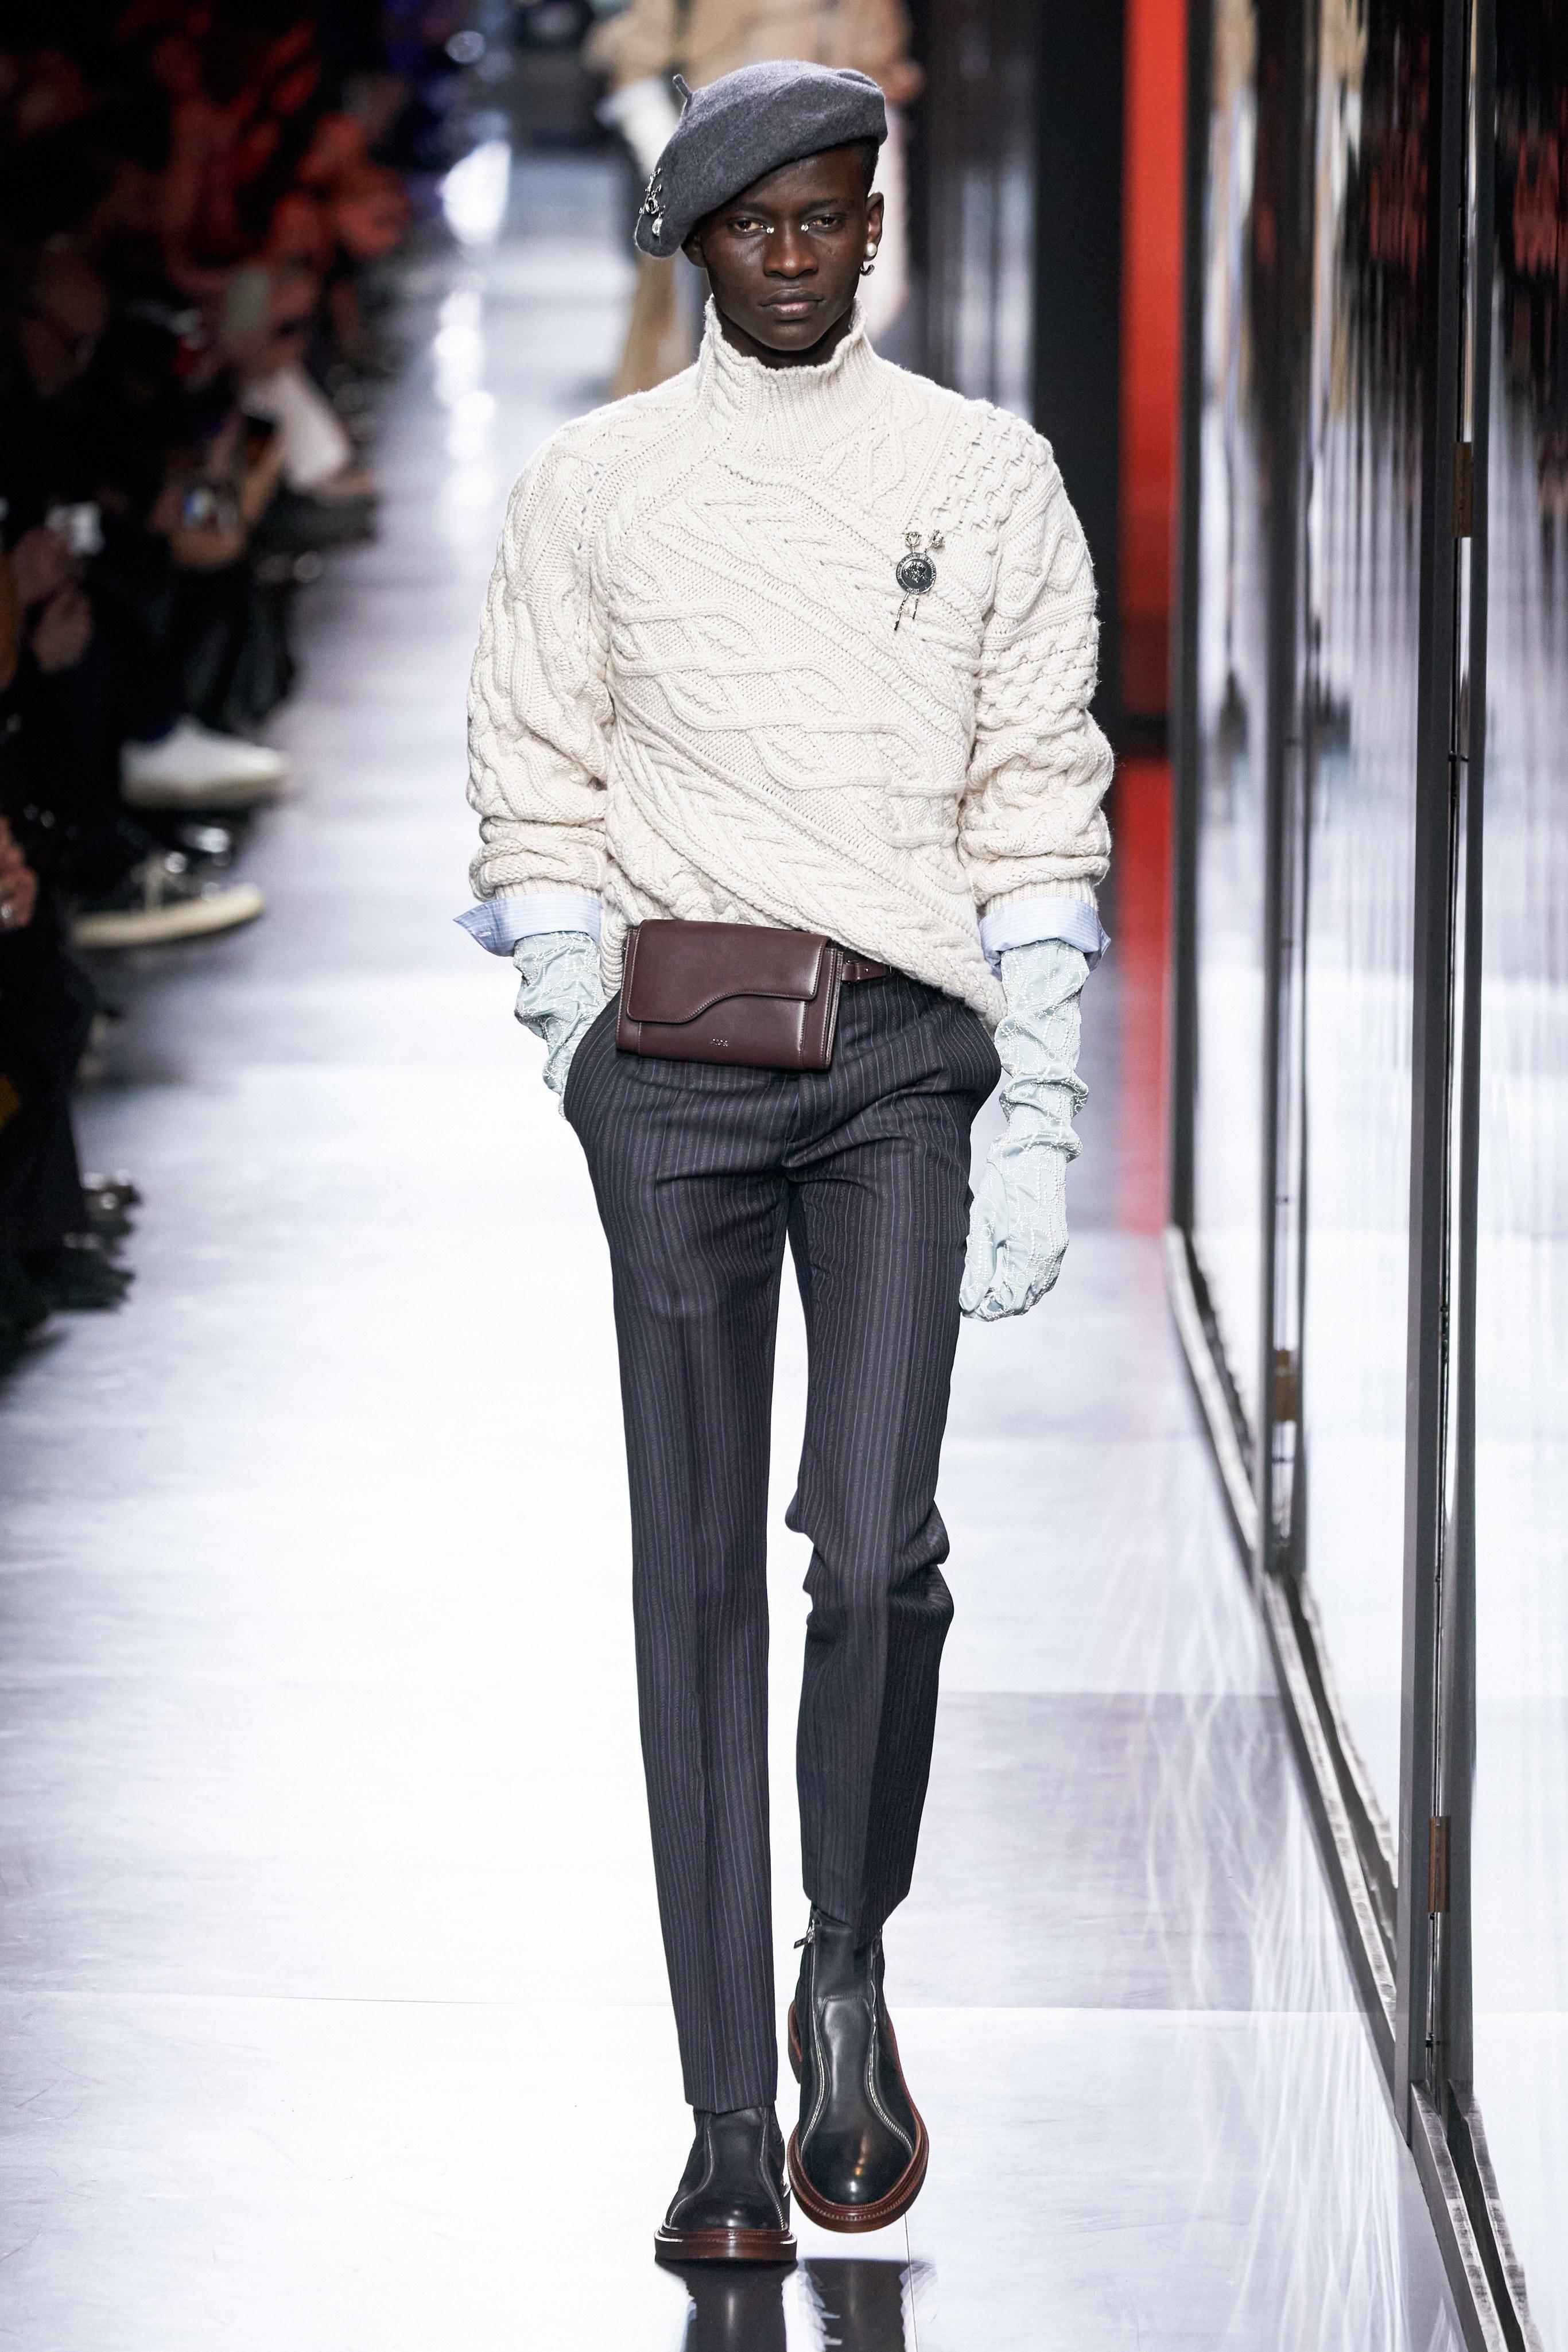 Áo khoác hoa, găng tay dài - Dior nâng thời trang nam lên tầm cao mới Ảnh 9